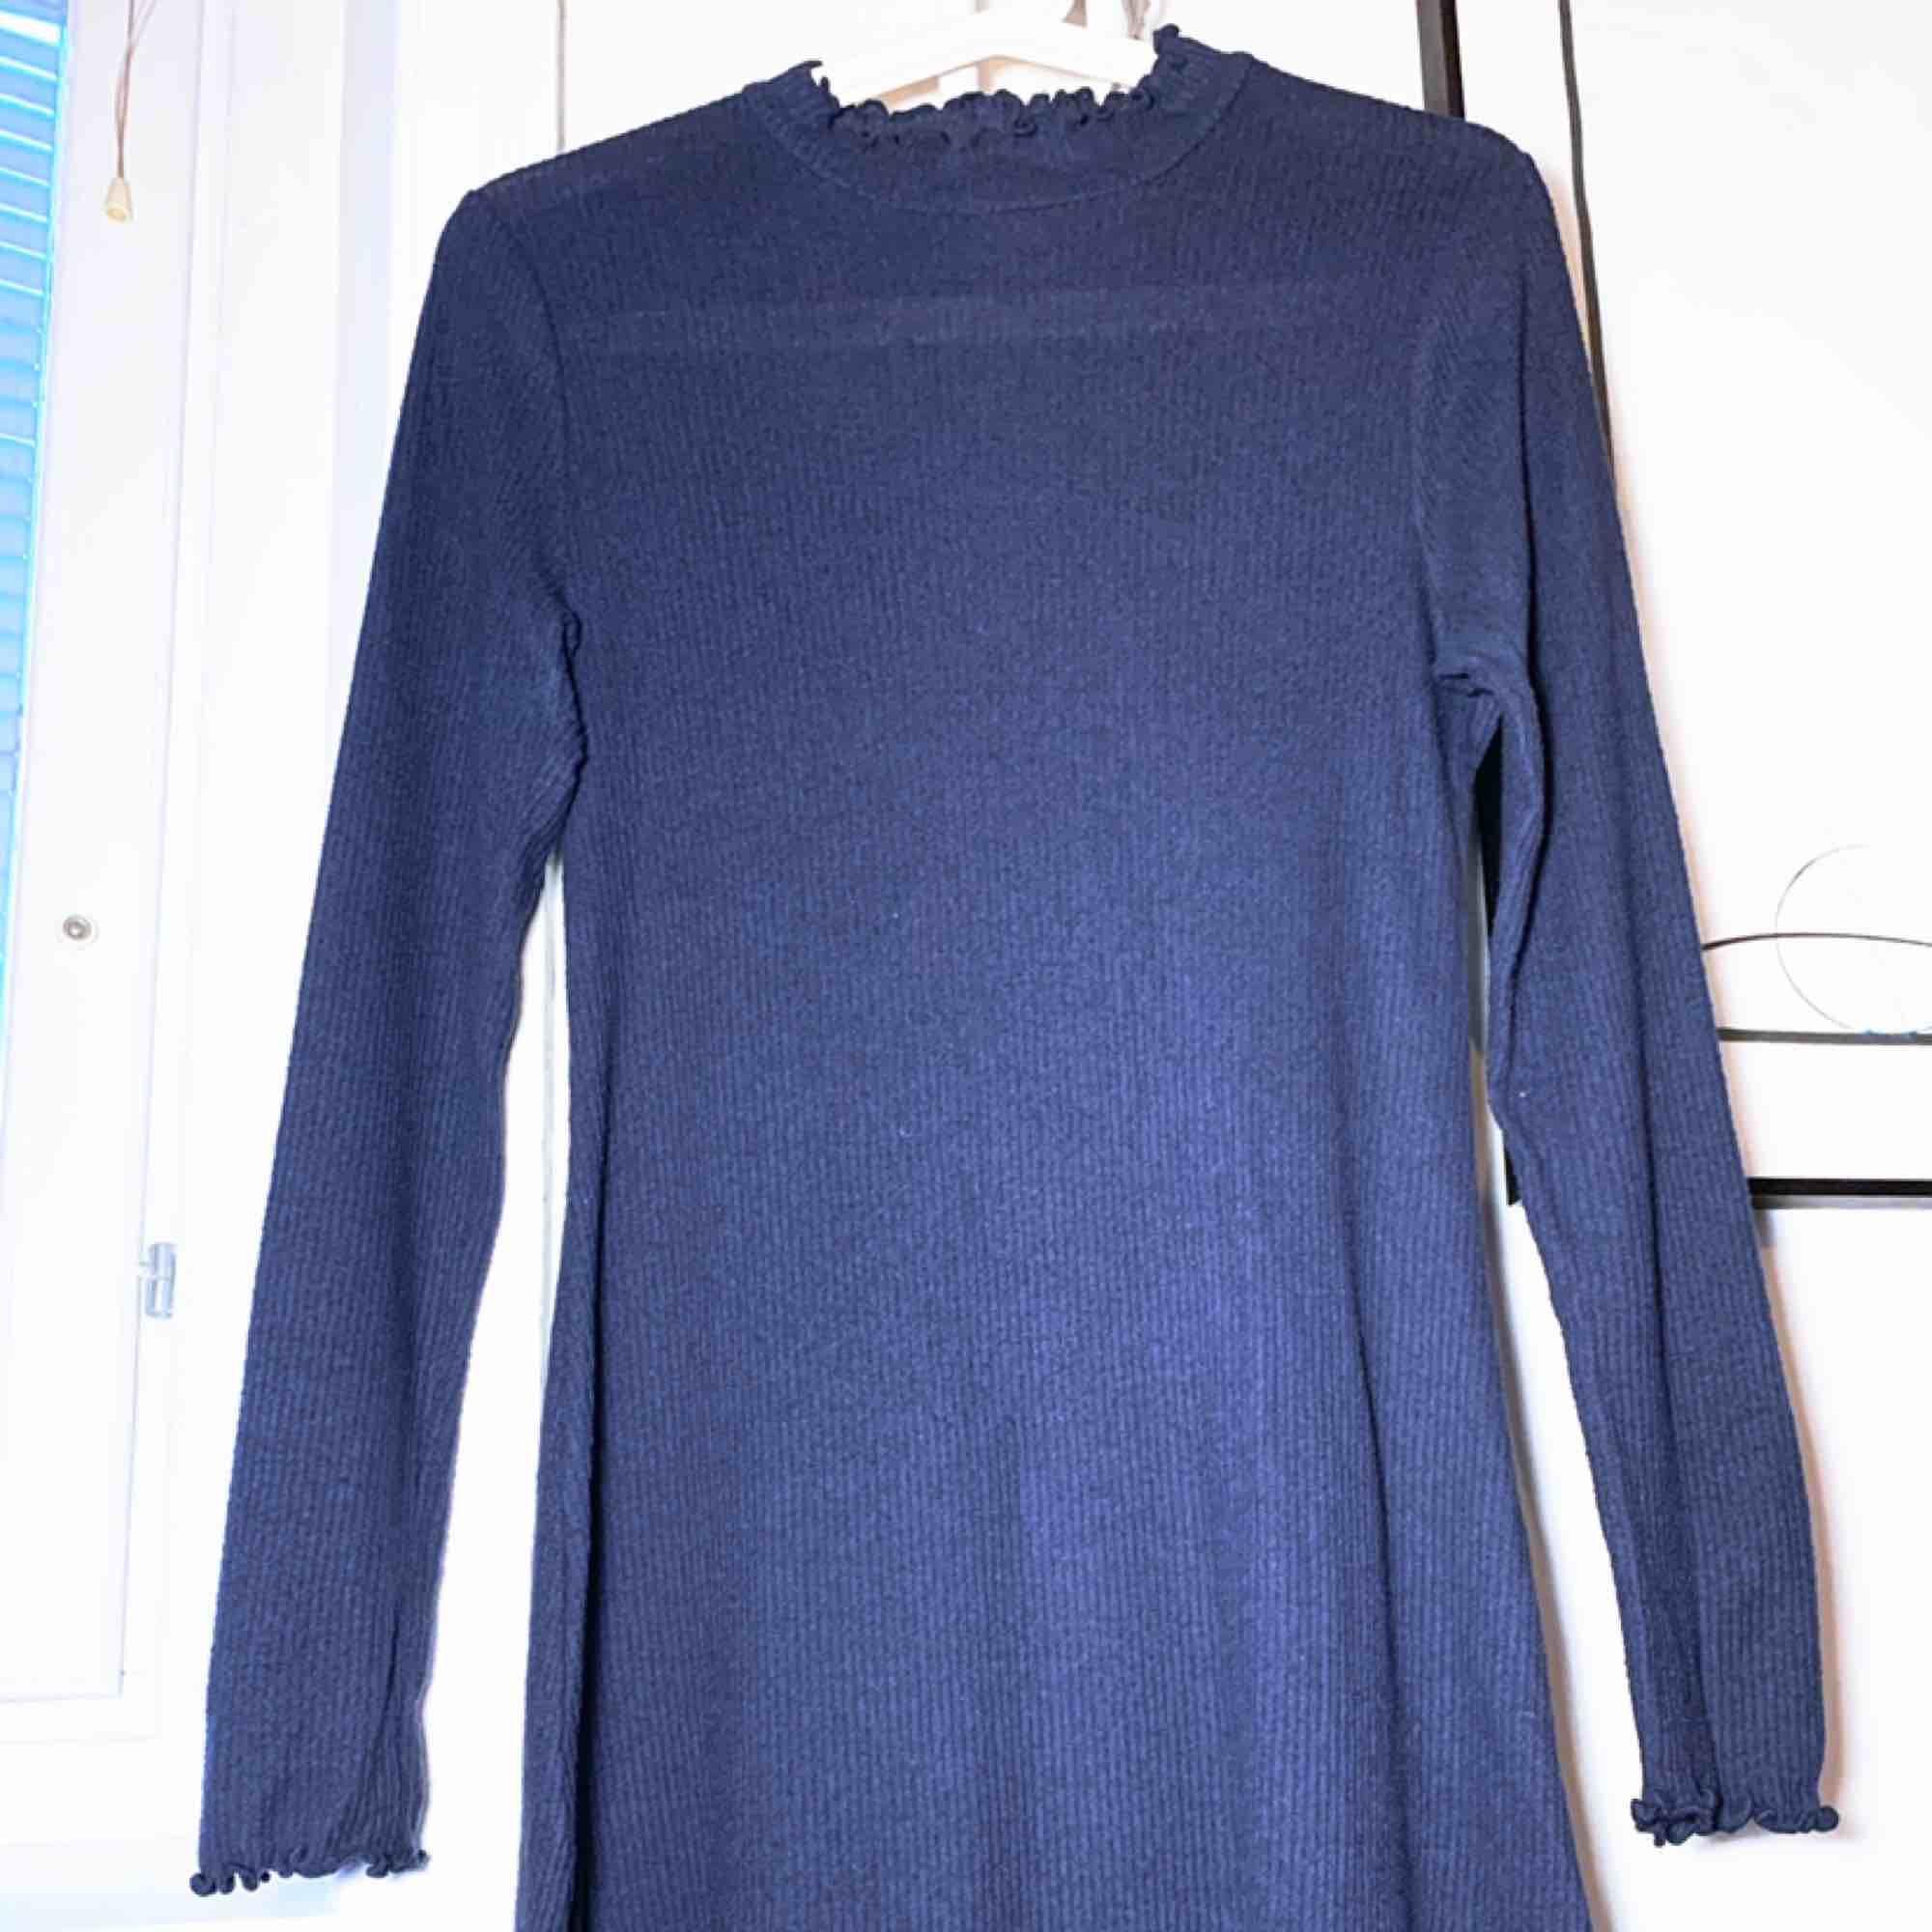 Stickad polo-klänning från Pins and Needles, perfekt att ha under koftor till hösten. Materialet är mjukt och nopprar inte, 76% Rayon, 20% polyester och 4% elestane. Modellen är lätt utsvängd och följer midjan. Längd mitt bak: 80cm.. Klänningar.